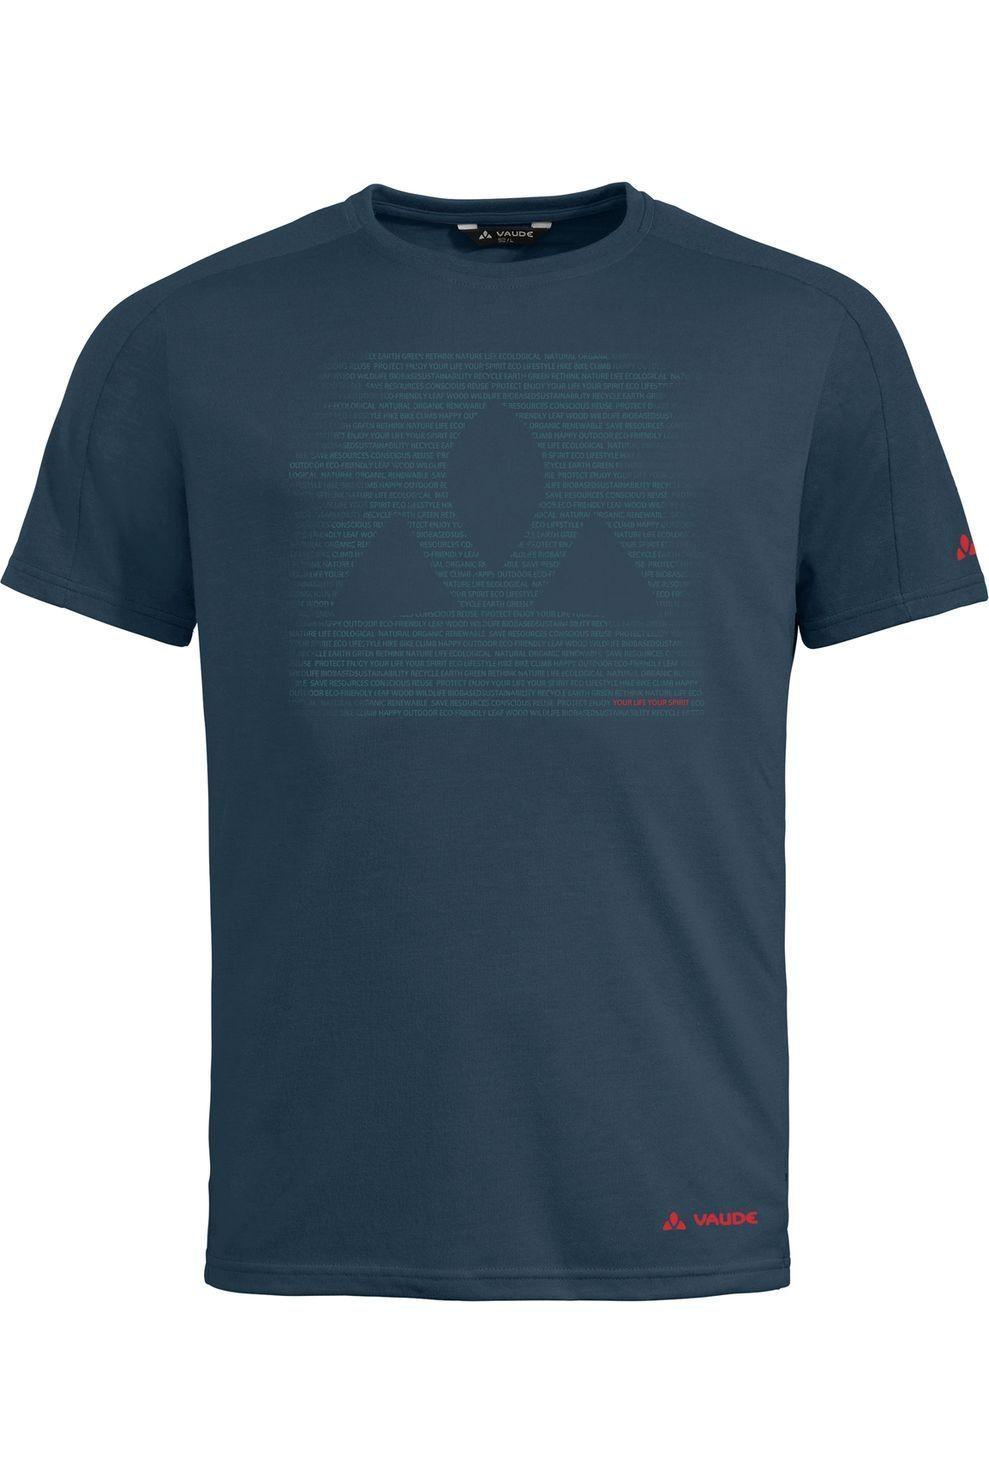 VAUDE T-Shirt Gleann voor heren - Blauw - Maten: S, M, L, XL, XXL